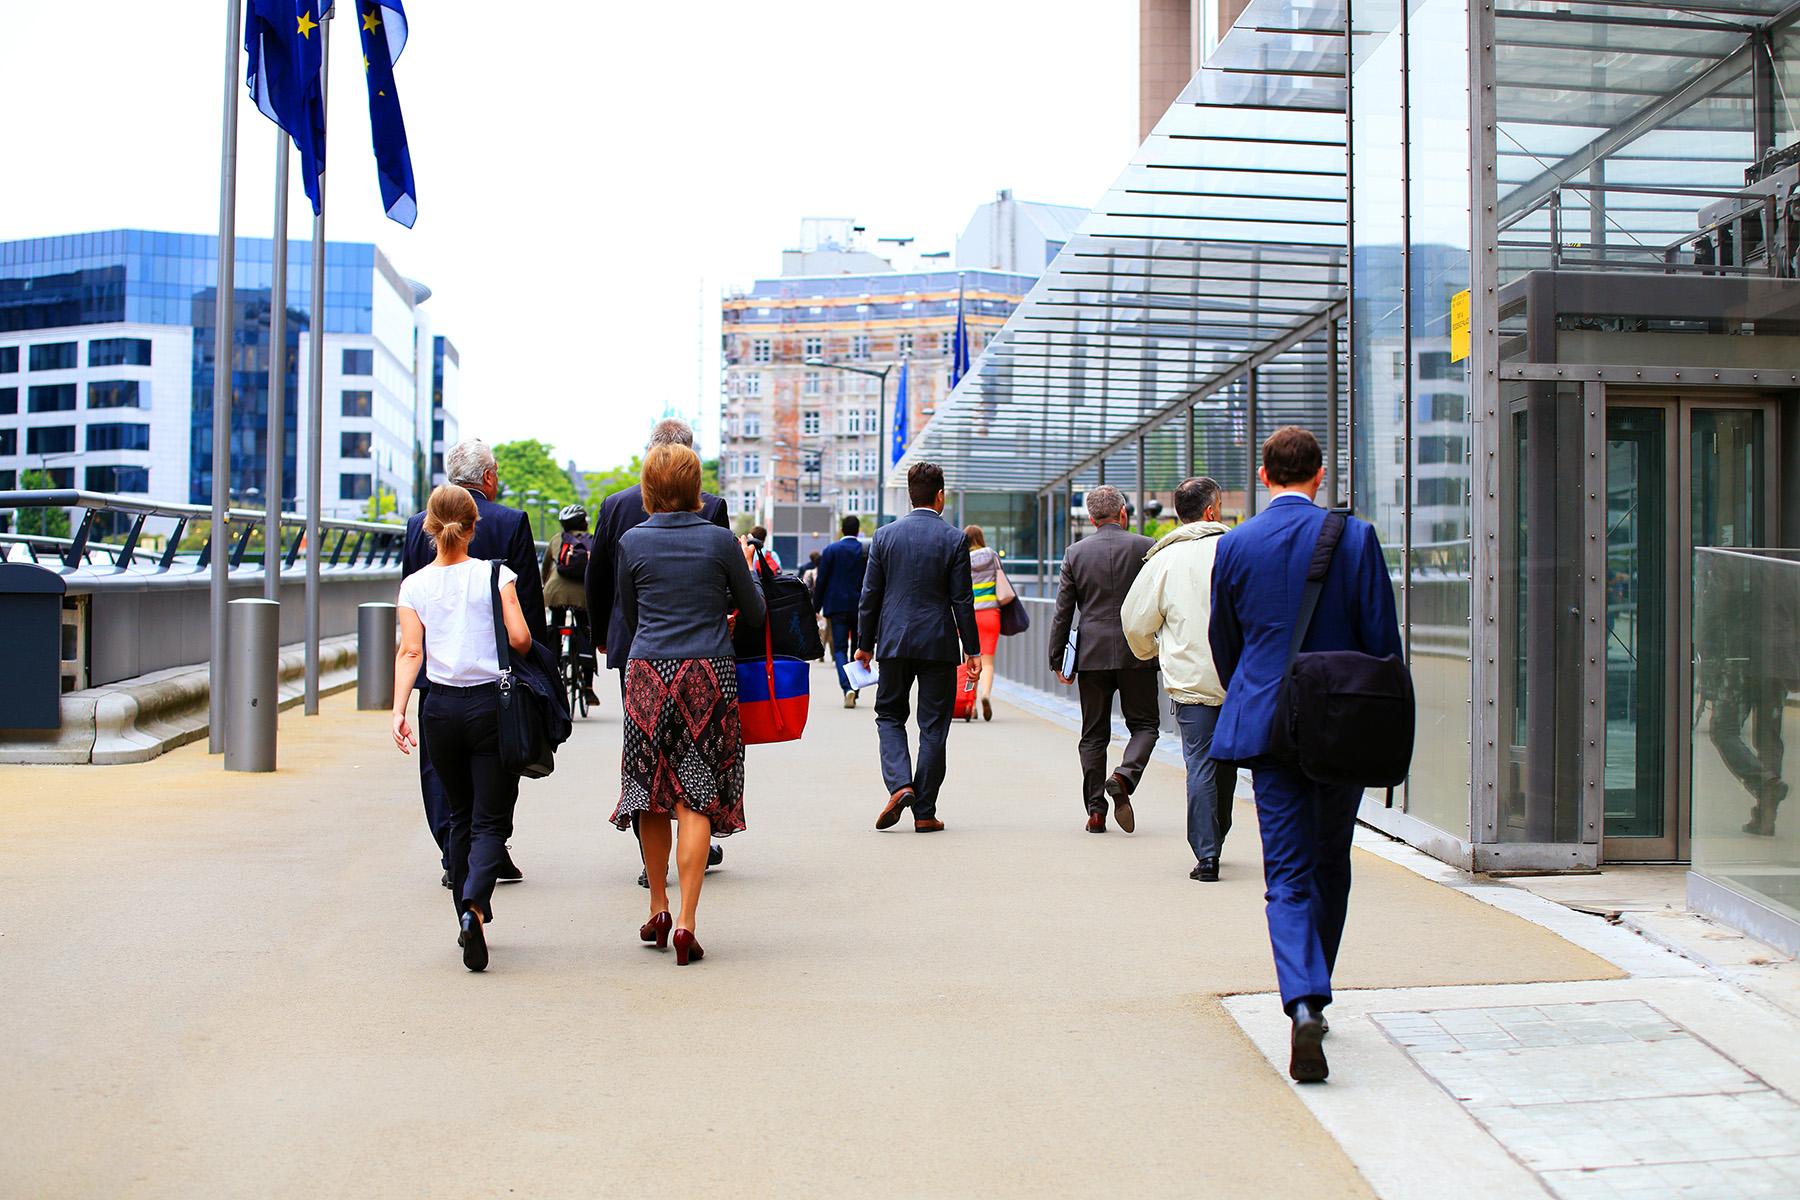 European Parliament staff walking to work